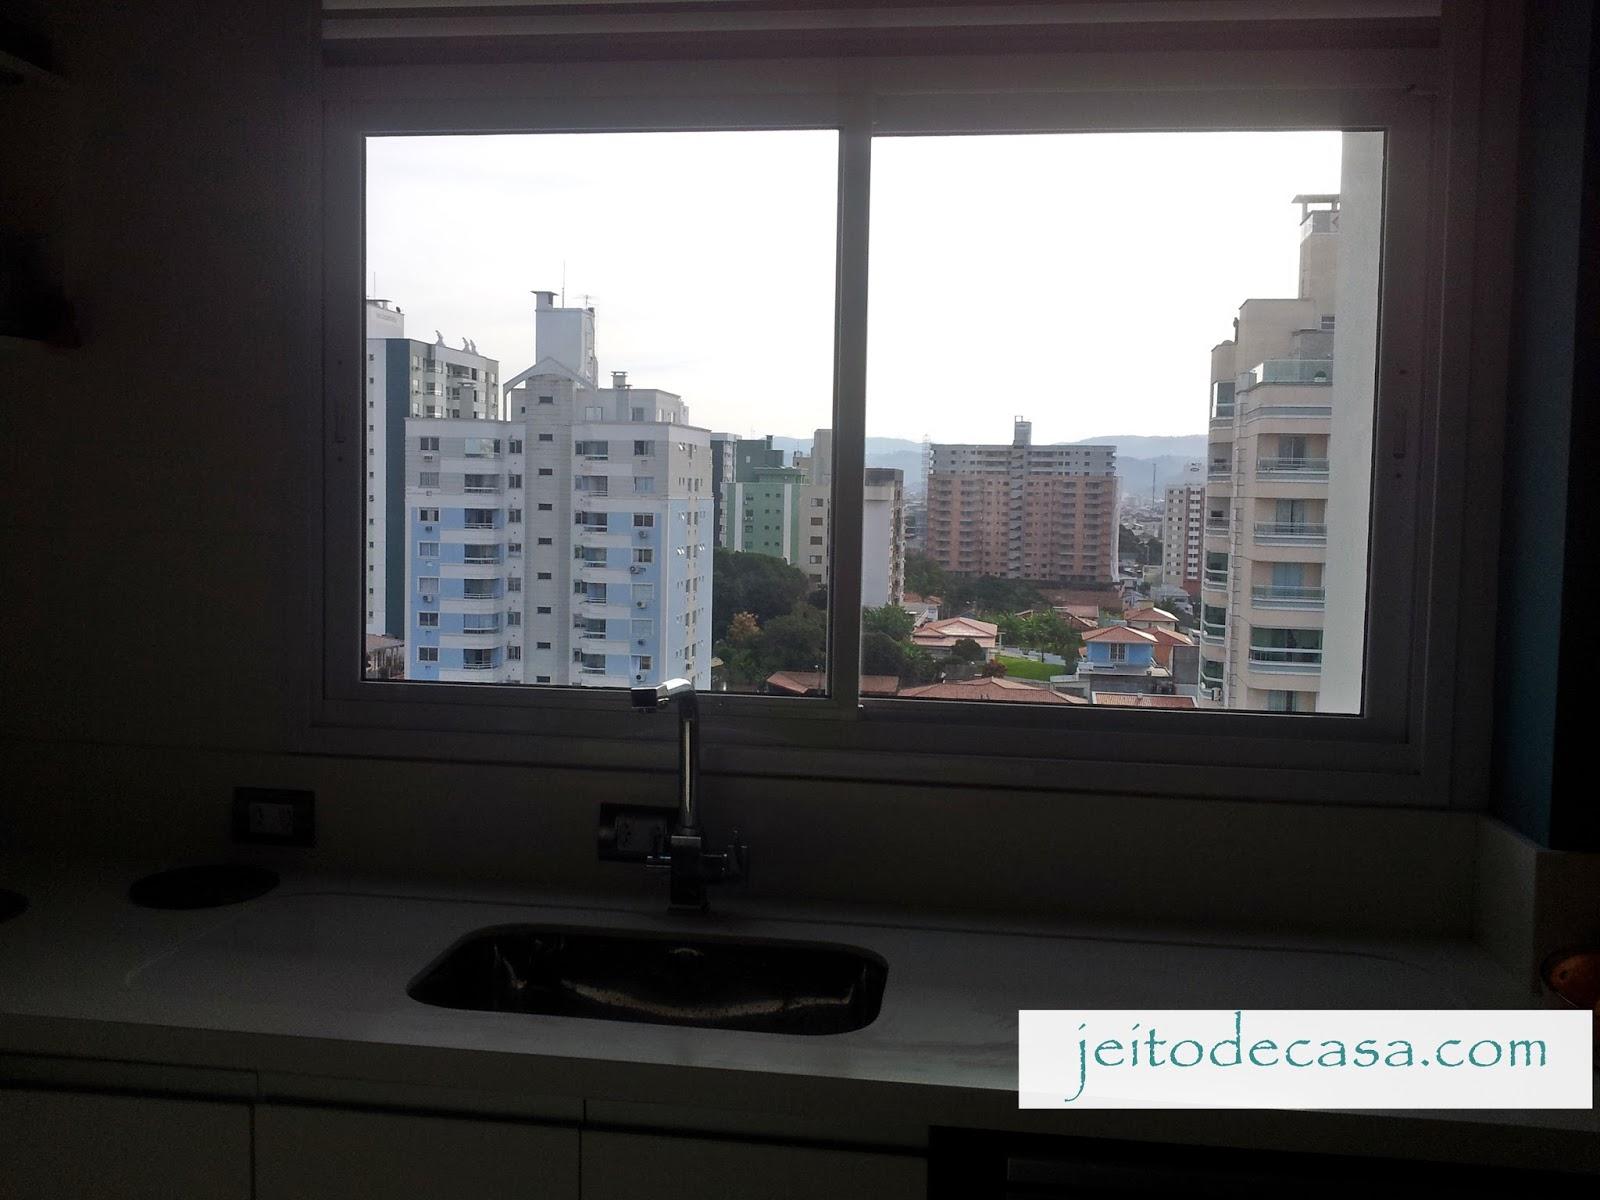 #50747B Janela da cozinha vidro fosco ou transparente? Jeito de Casa  732 Janelas Vidro Fosco